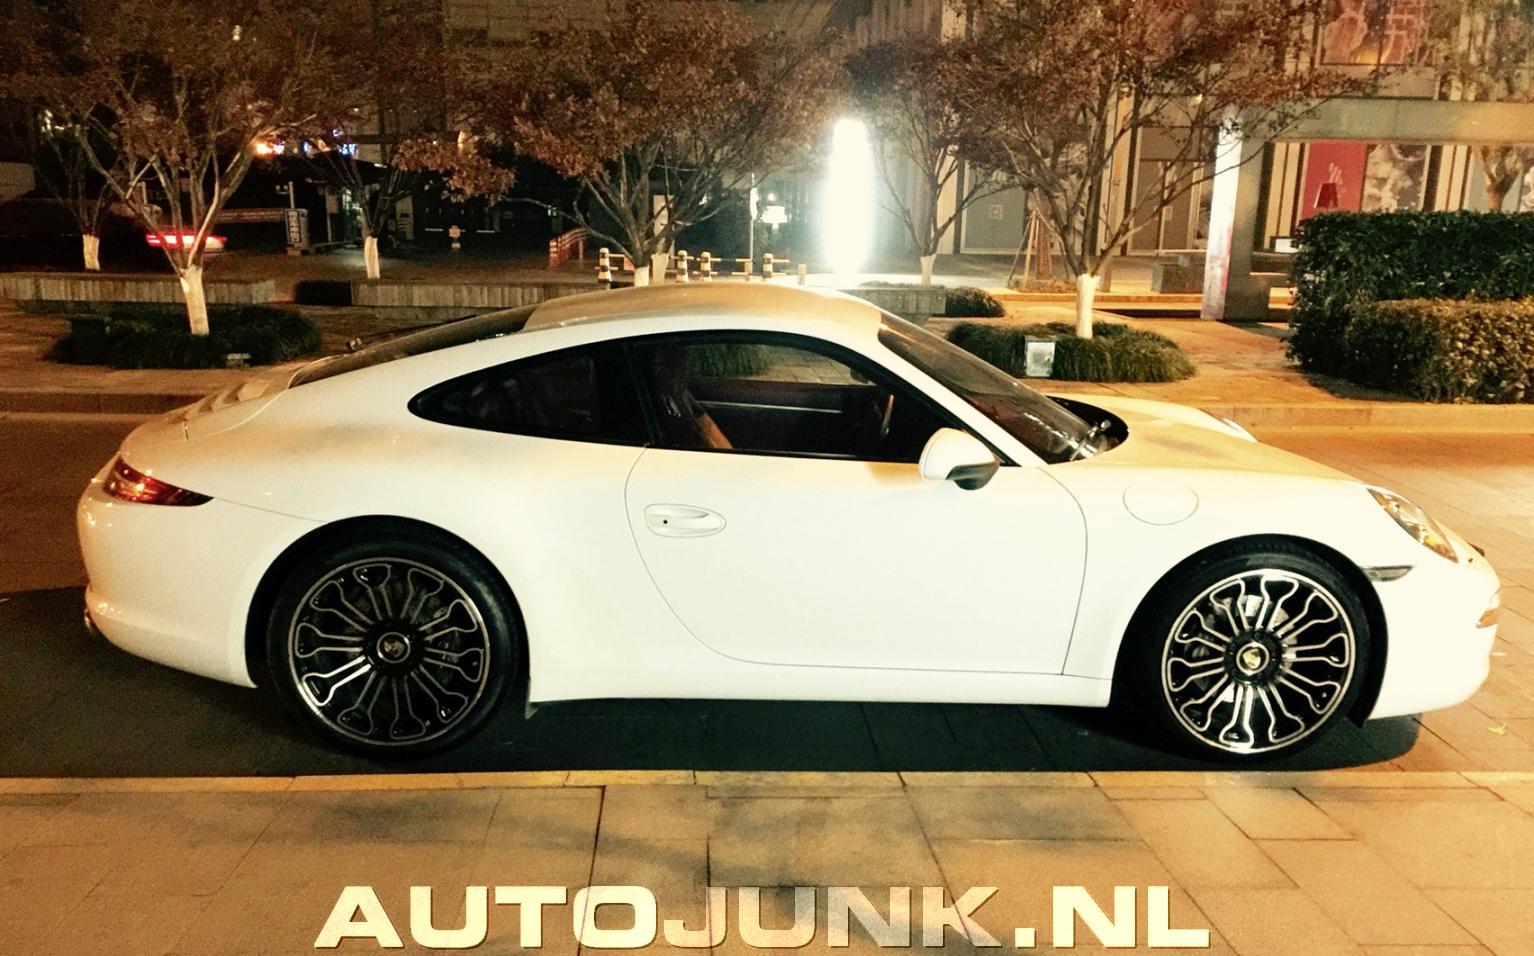 Porsche 911 Rims >> Chinese Porsche 911 With Fake 918 Spyder Wheels Isn T